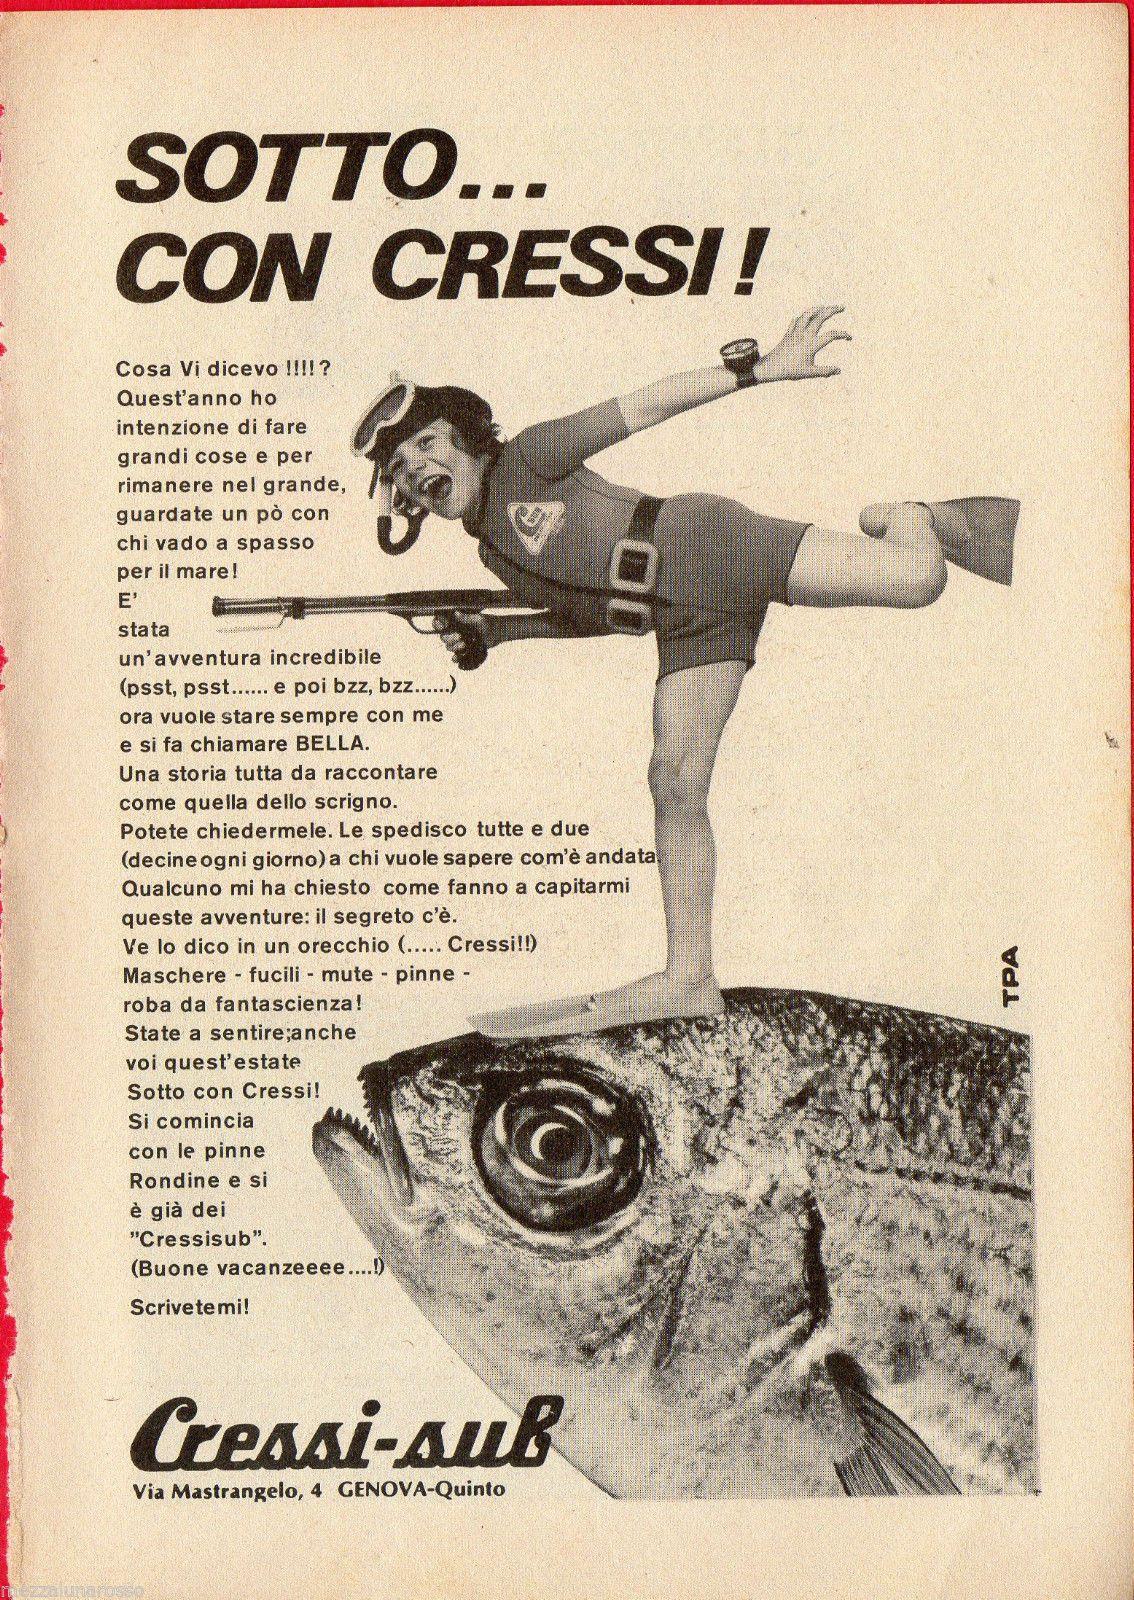 cressi sub speargun instructions